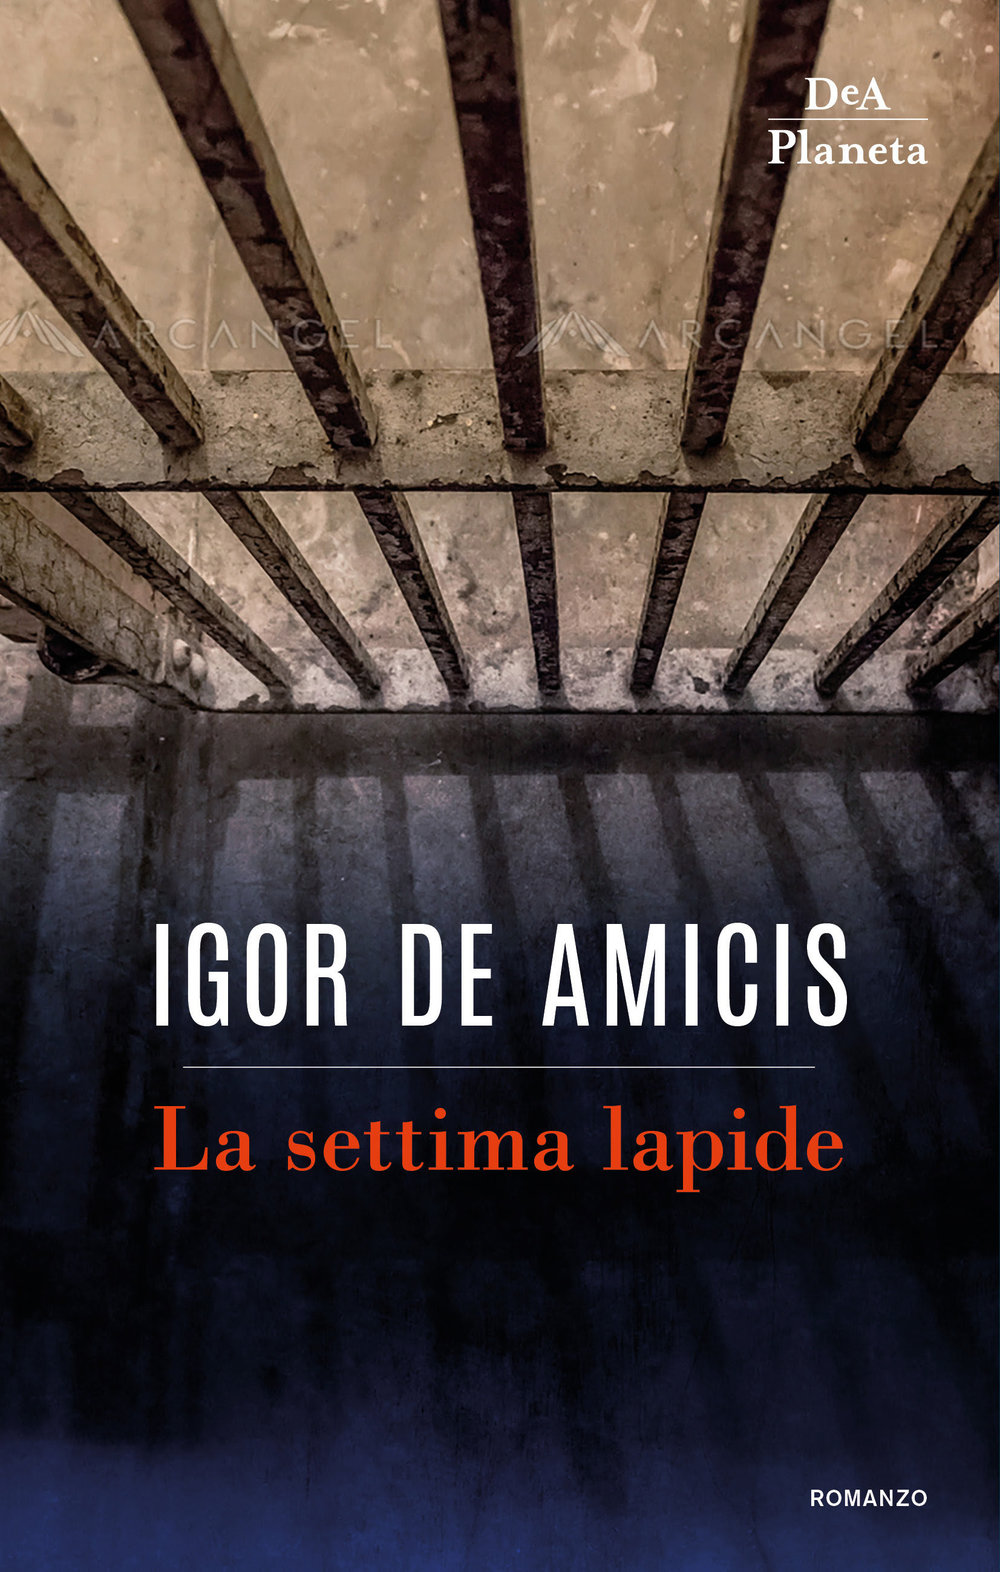 La Settima Lapide by Igor De Amicis.jpg